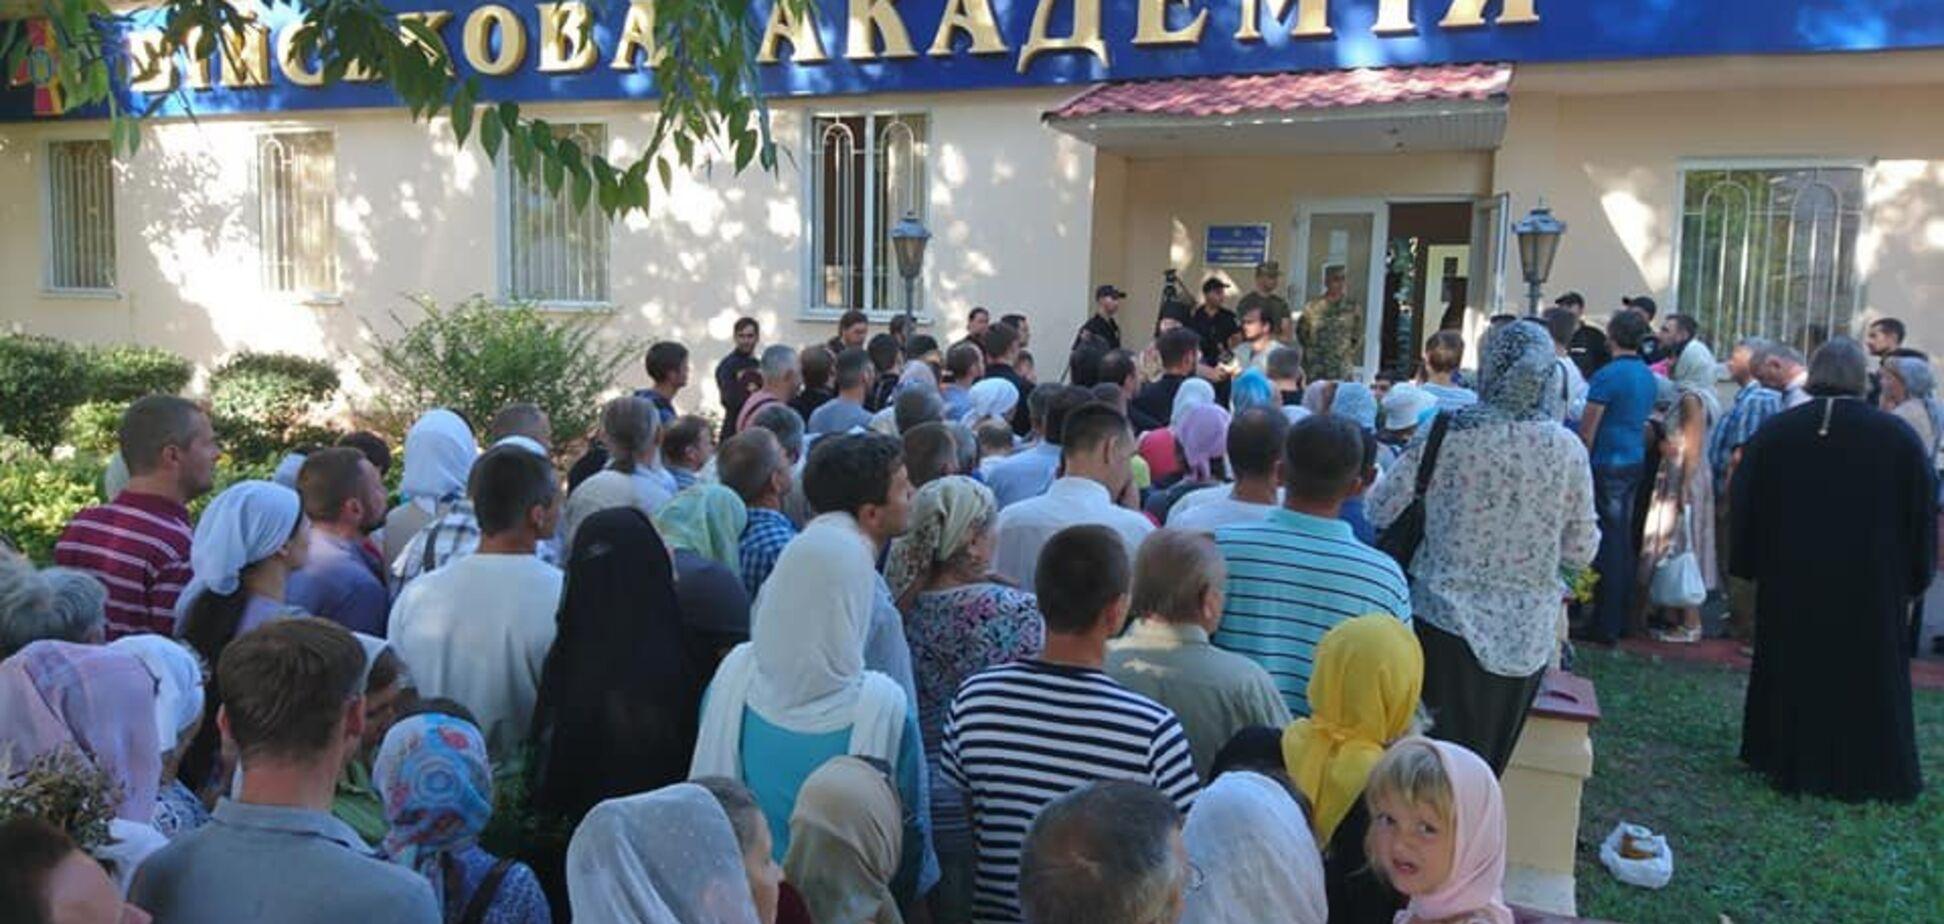 Священики УПЦ МП влаштували провокацію на військовому об'єкті України: що відбулося